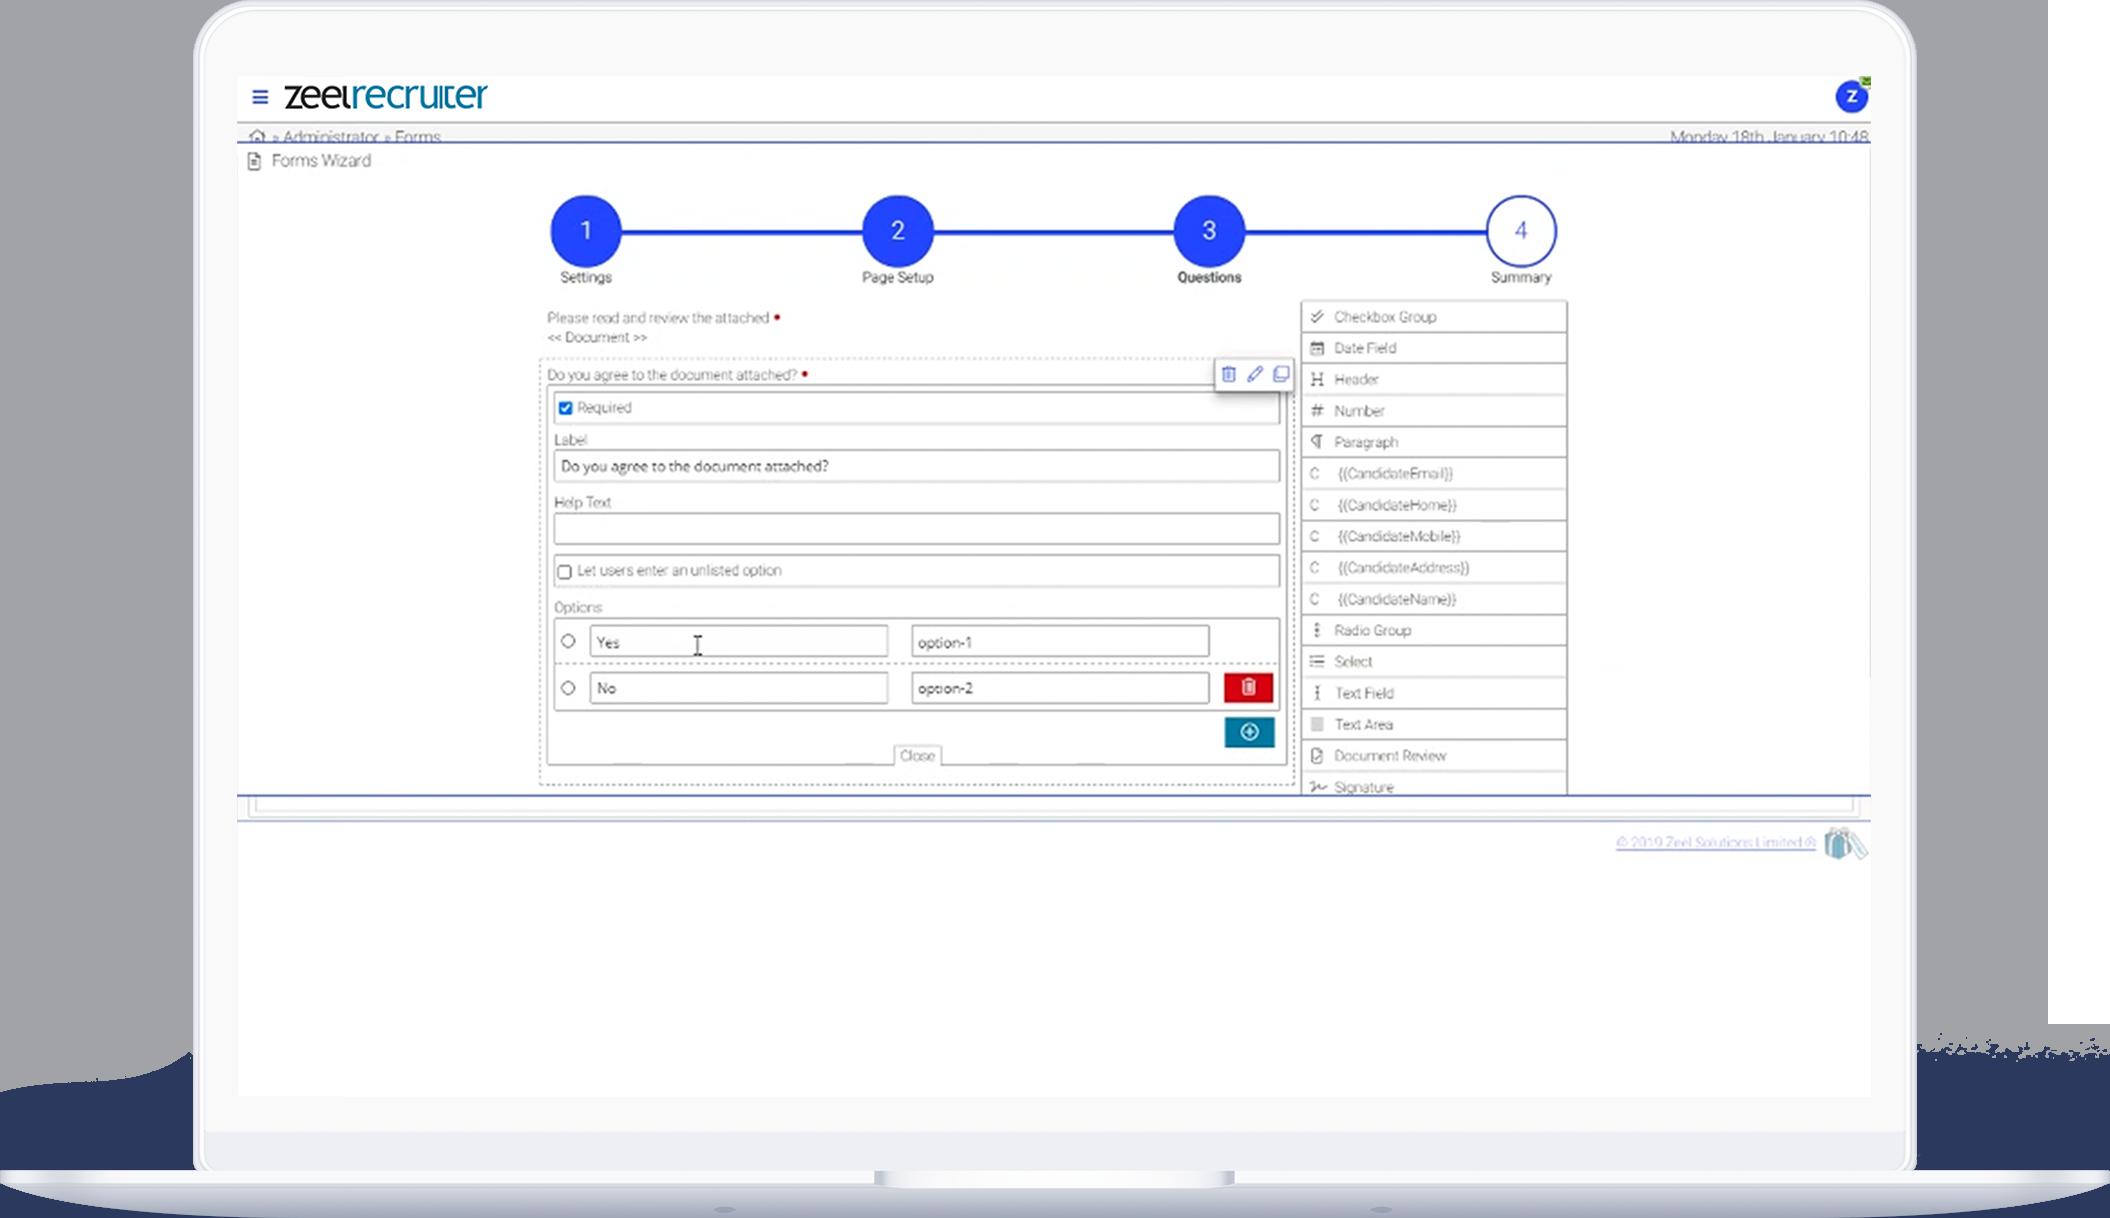 Recruitment MSP software